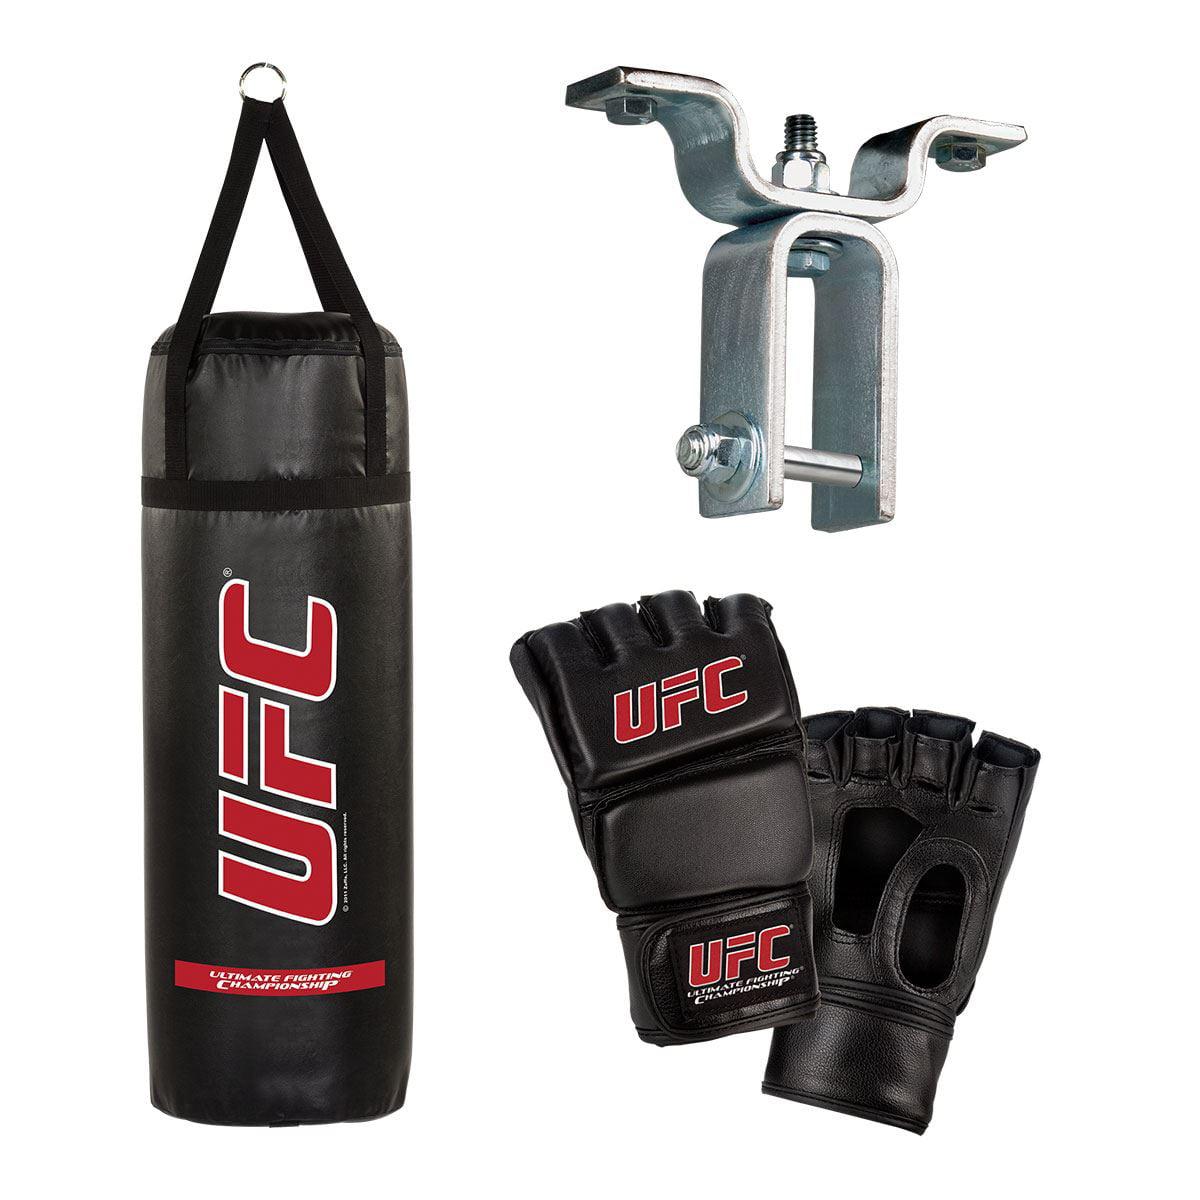 UFC 70 lb. 3 Piece Bag Combo